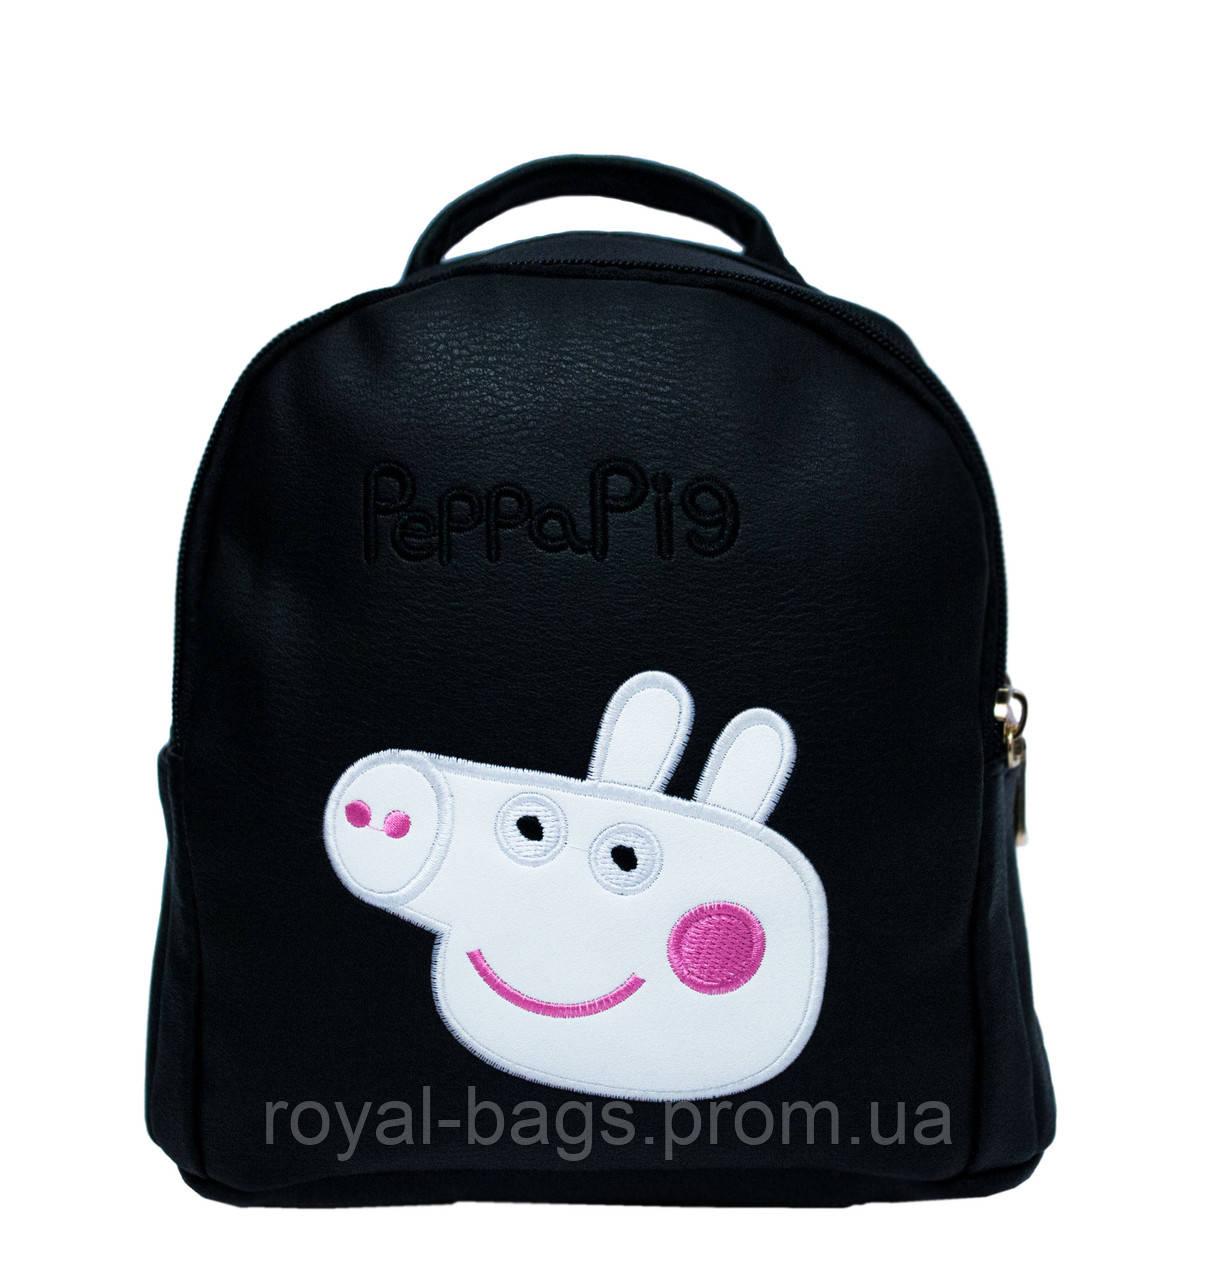 Рюкзачок Peppa Pig 3 Цвета Черный